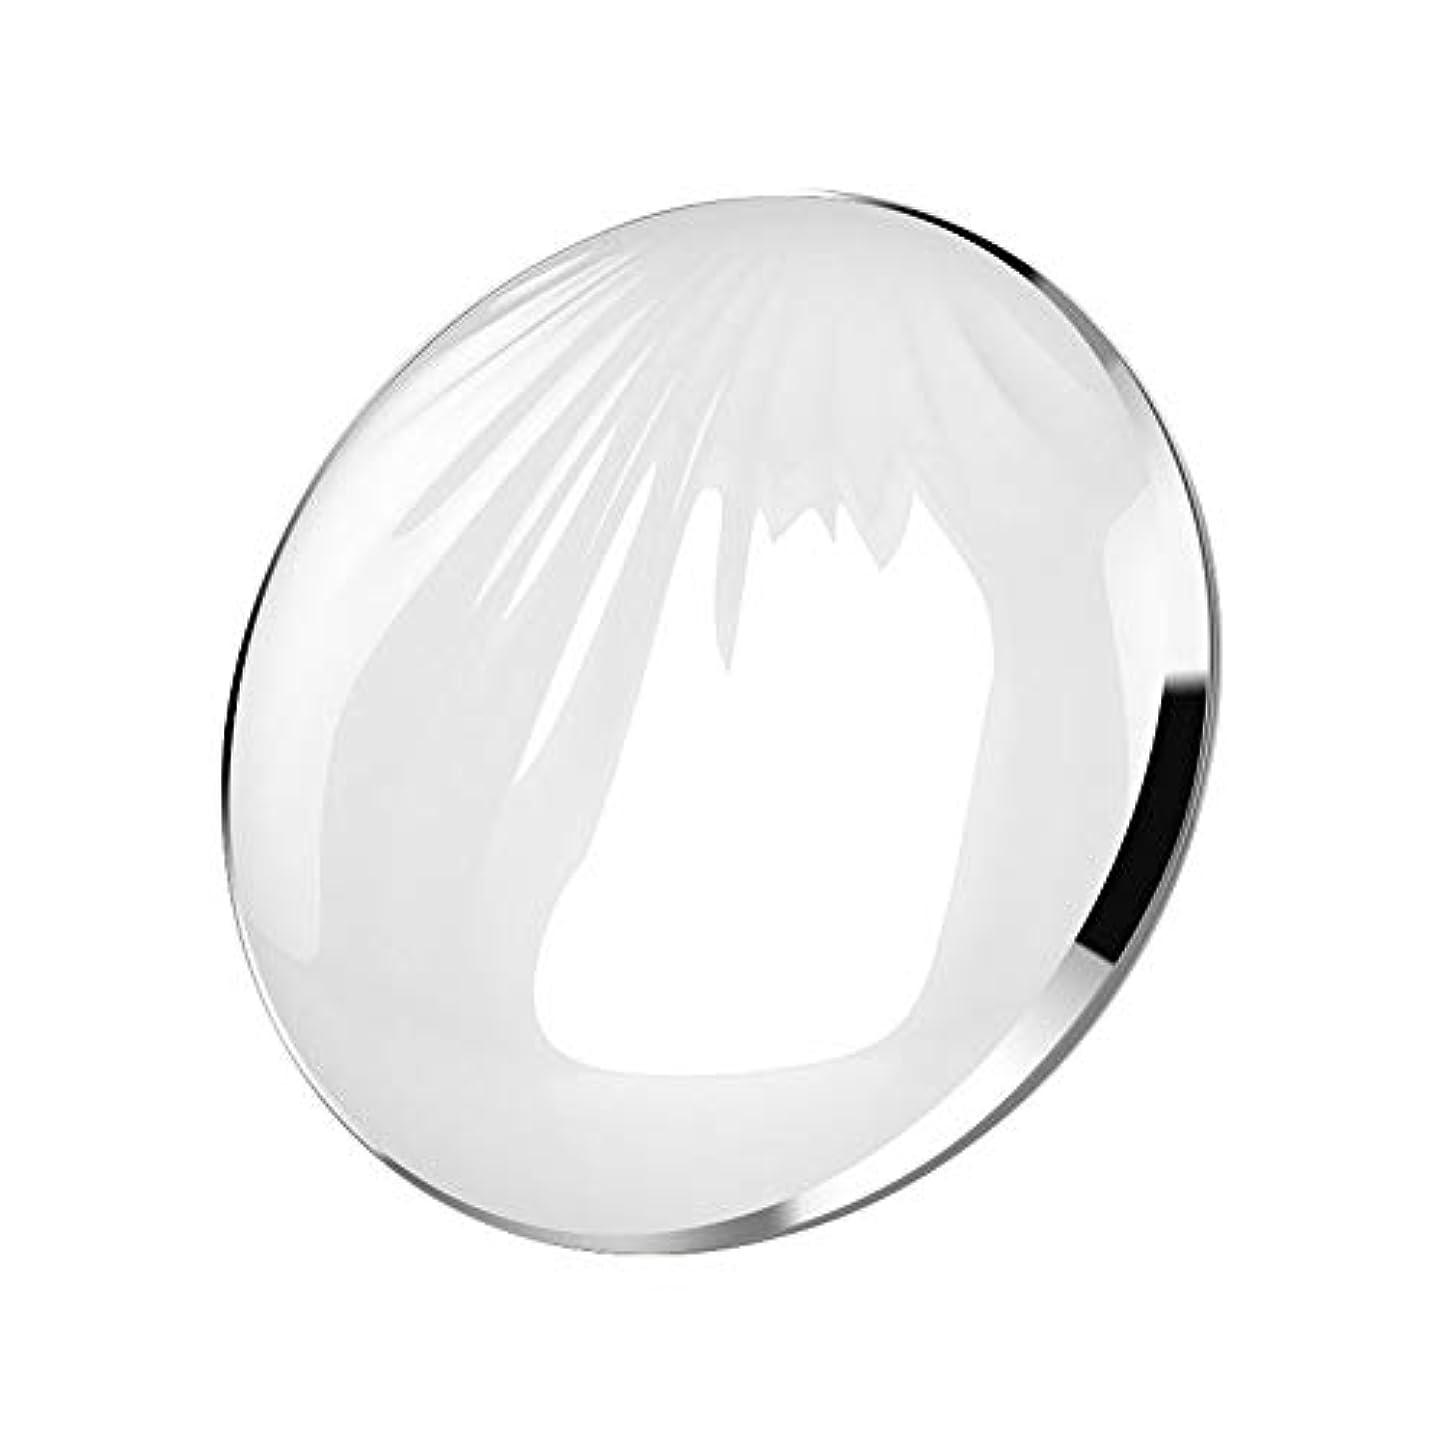 キリスト教レンズ今まで流行の クリエイティブled化粧鏡シェルポータブル折りたたみ式フィルライトusbモバイル充電宝美容鏡化粧台ミラーピンクシルバーコールドライトウォームライトミックスライト (色 : Silver)